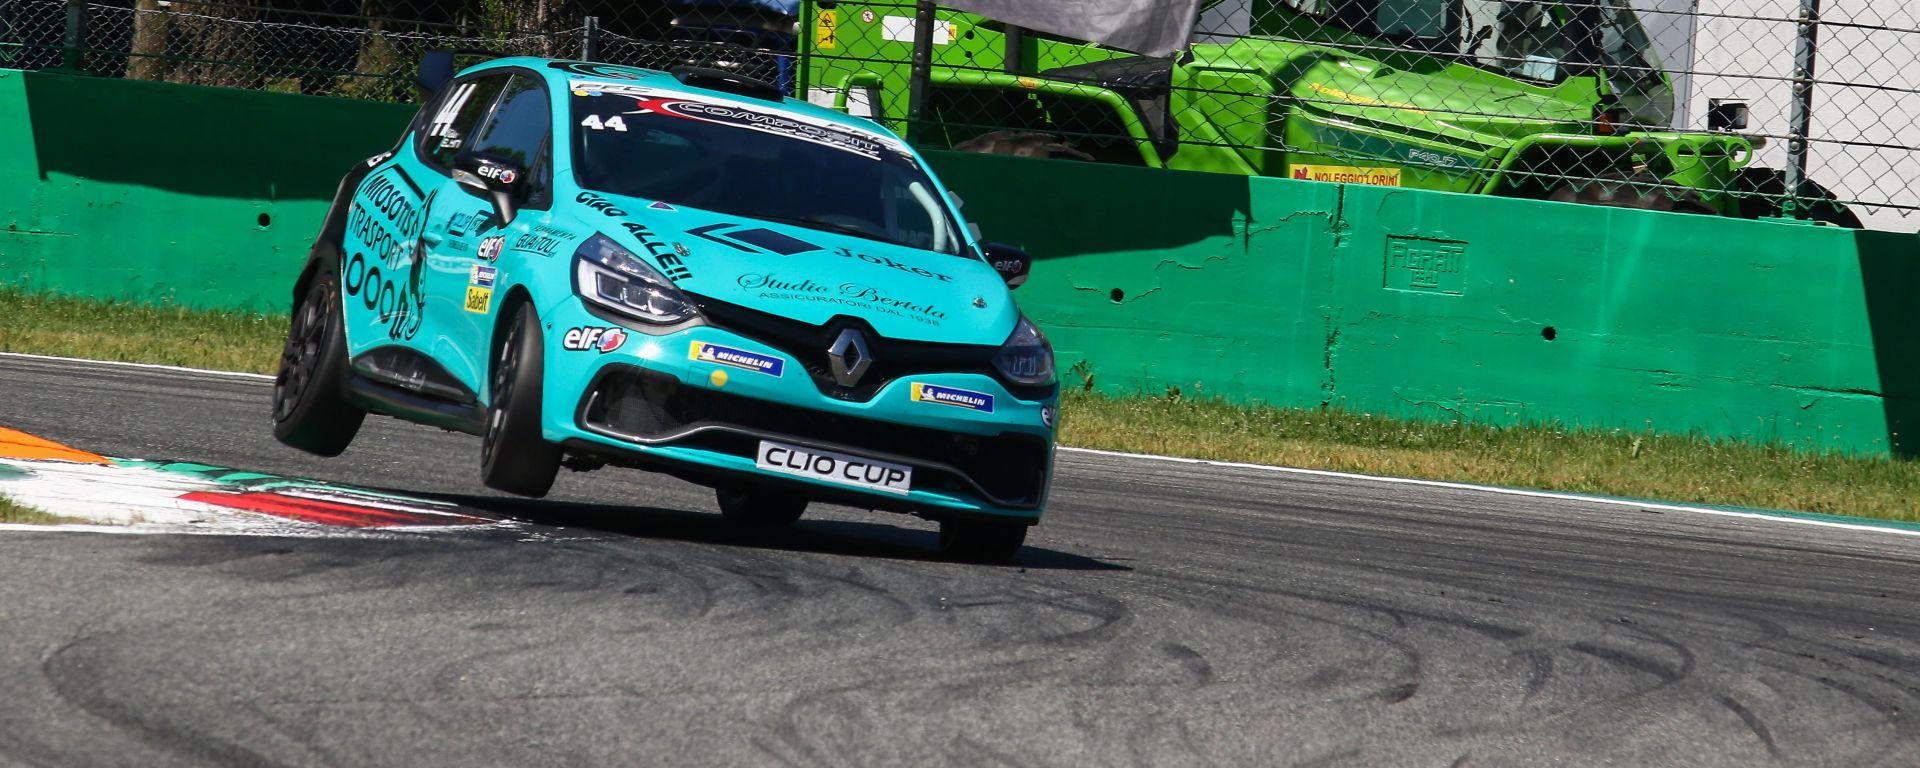 Renault Clio Cup Italia 2019, Felice Jelmini ha dominato il weekend di Monza